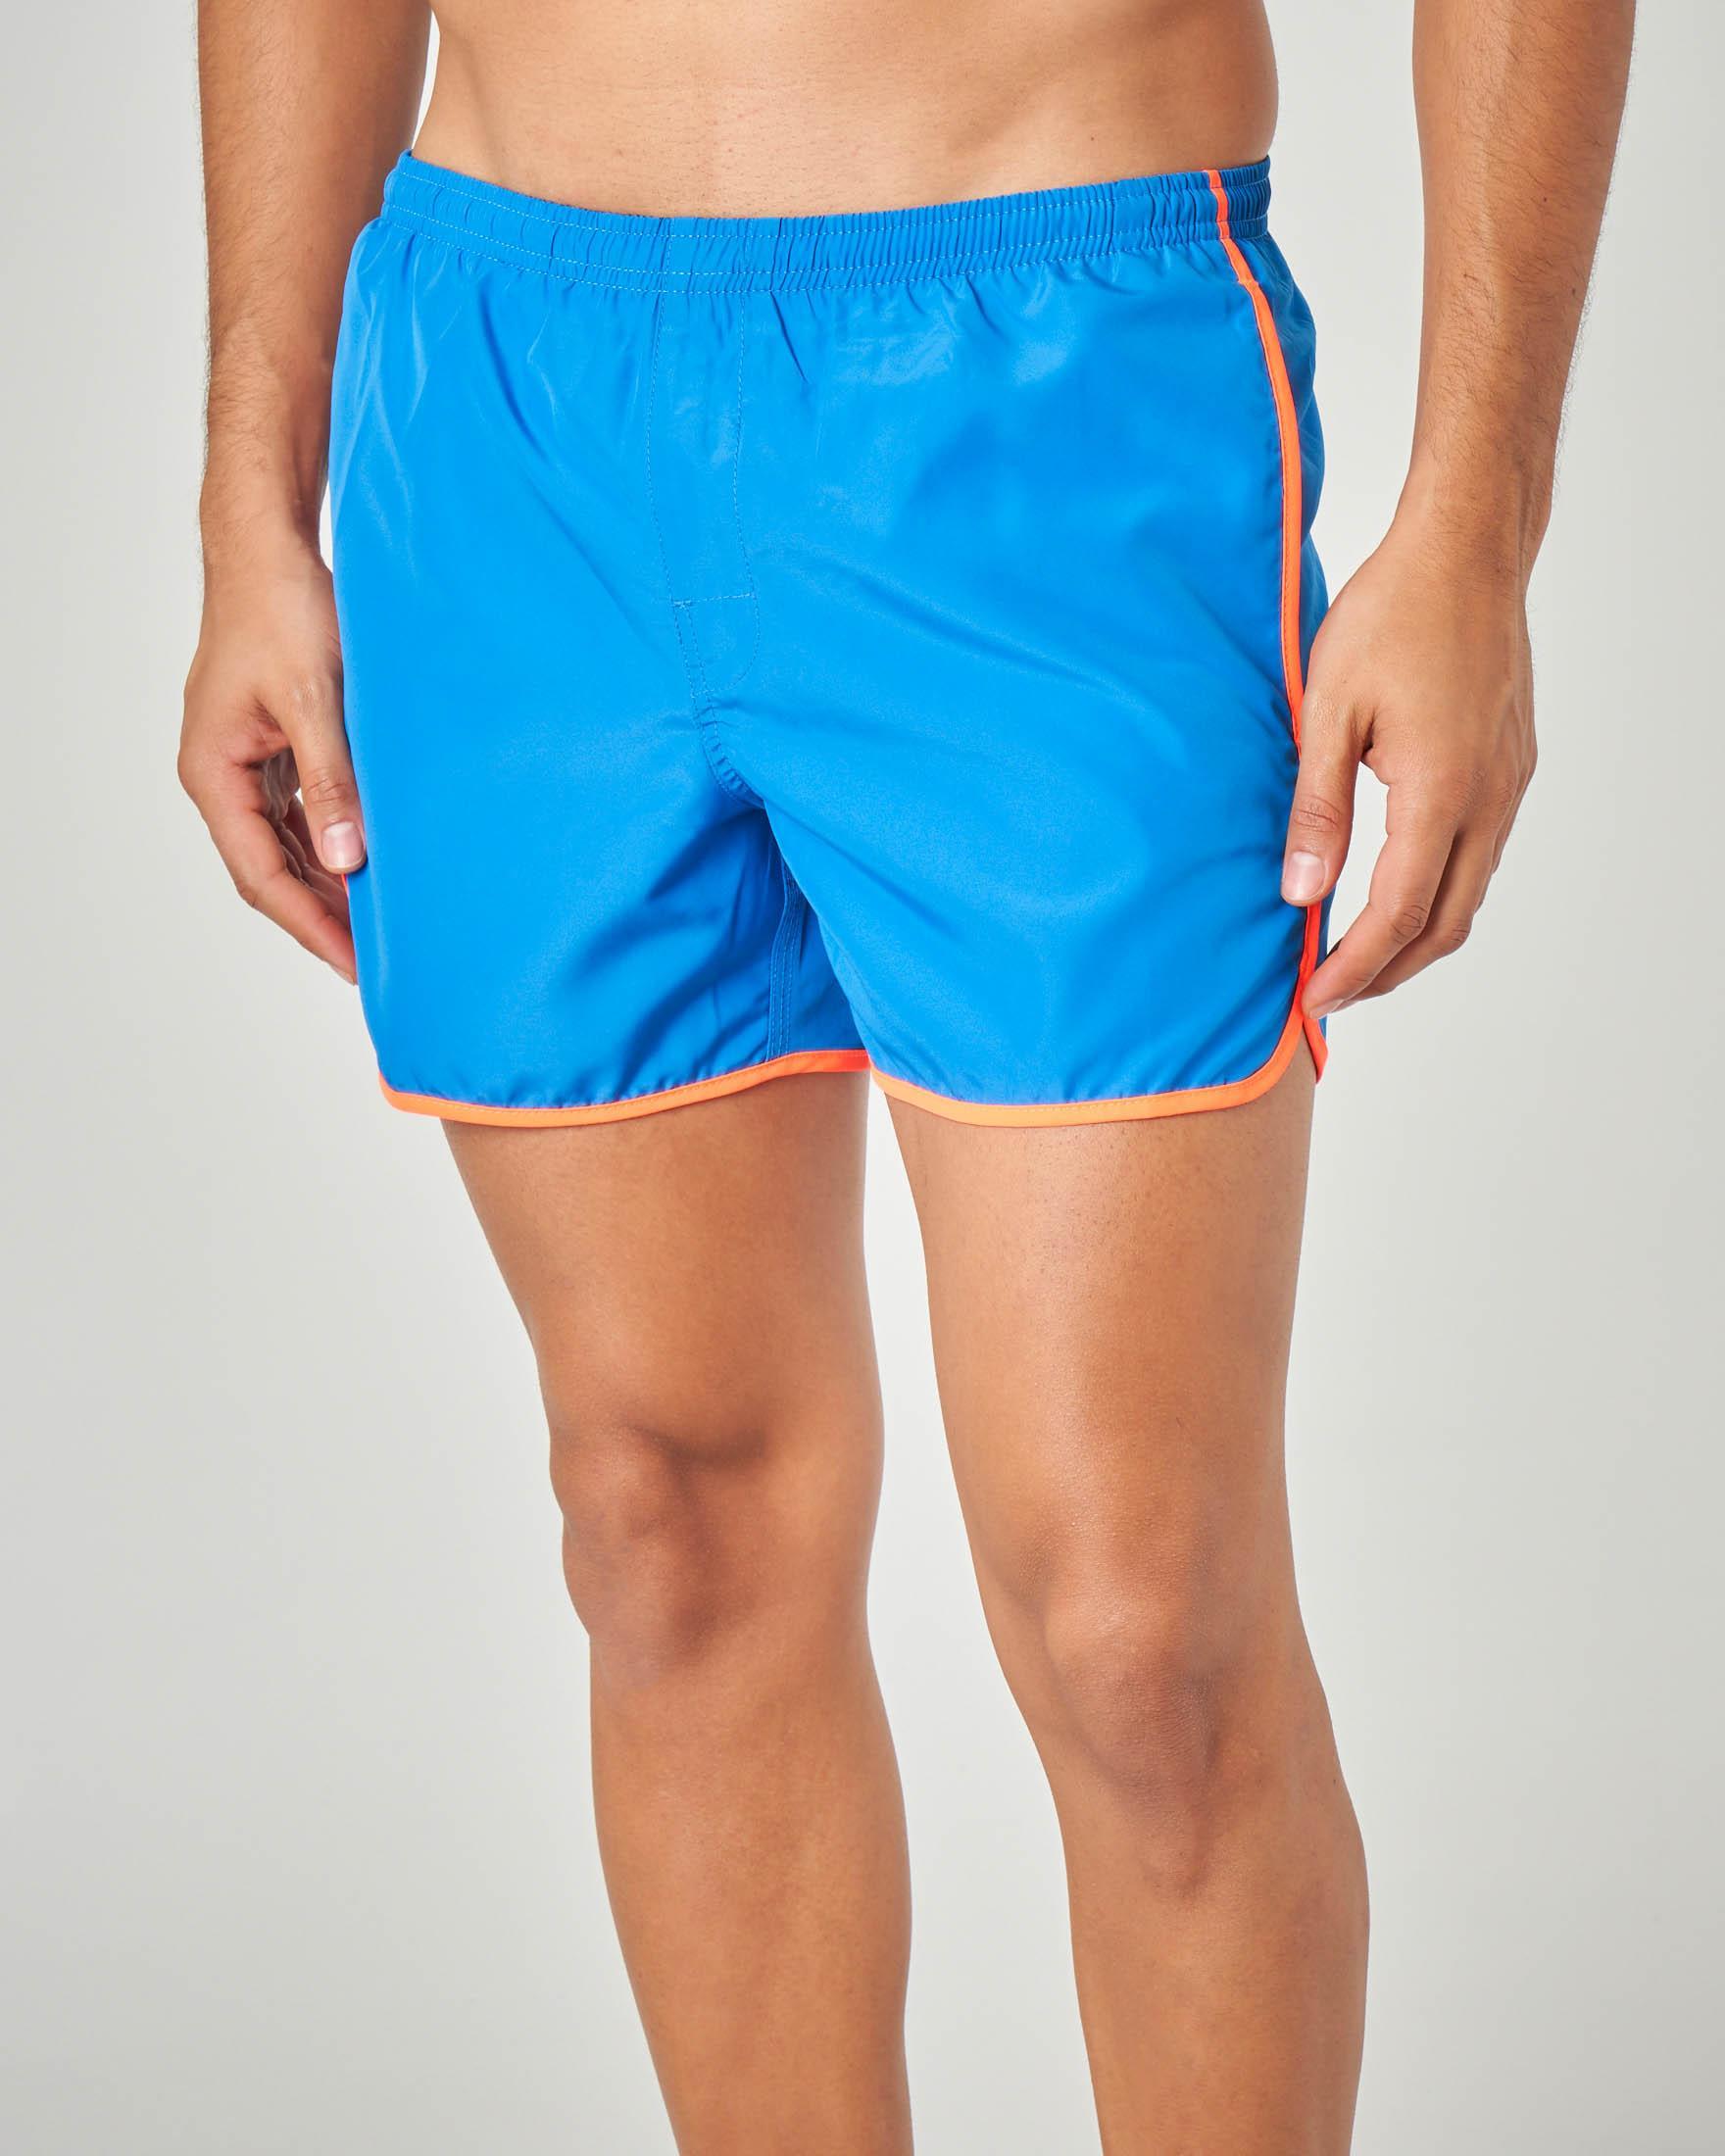 Boxer mare blu royal corto con profili in contrasto